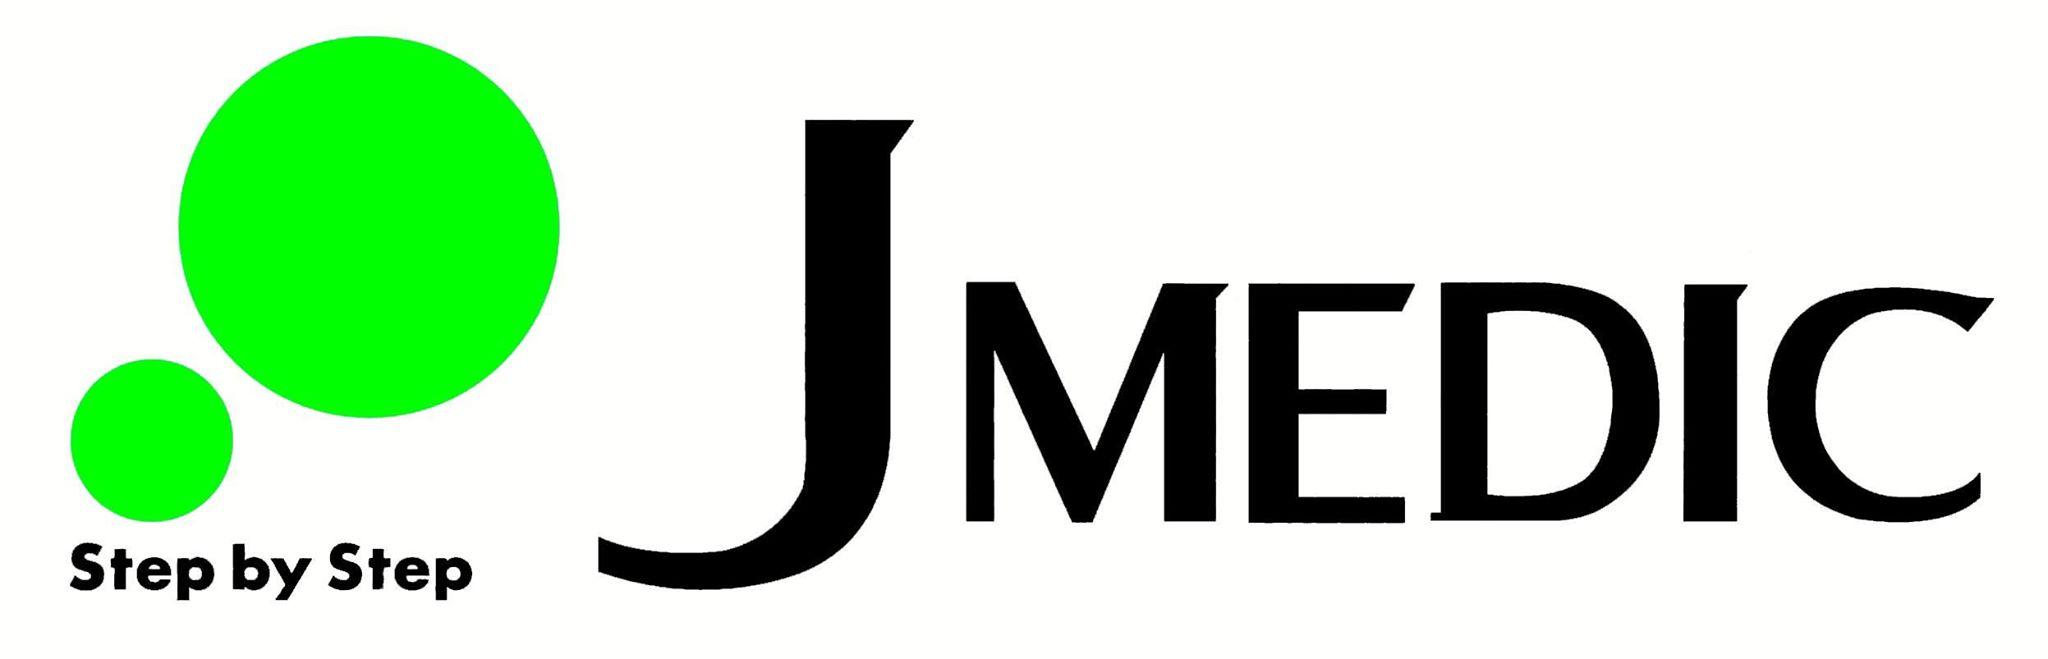 ジャパンメディック株式会社